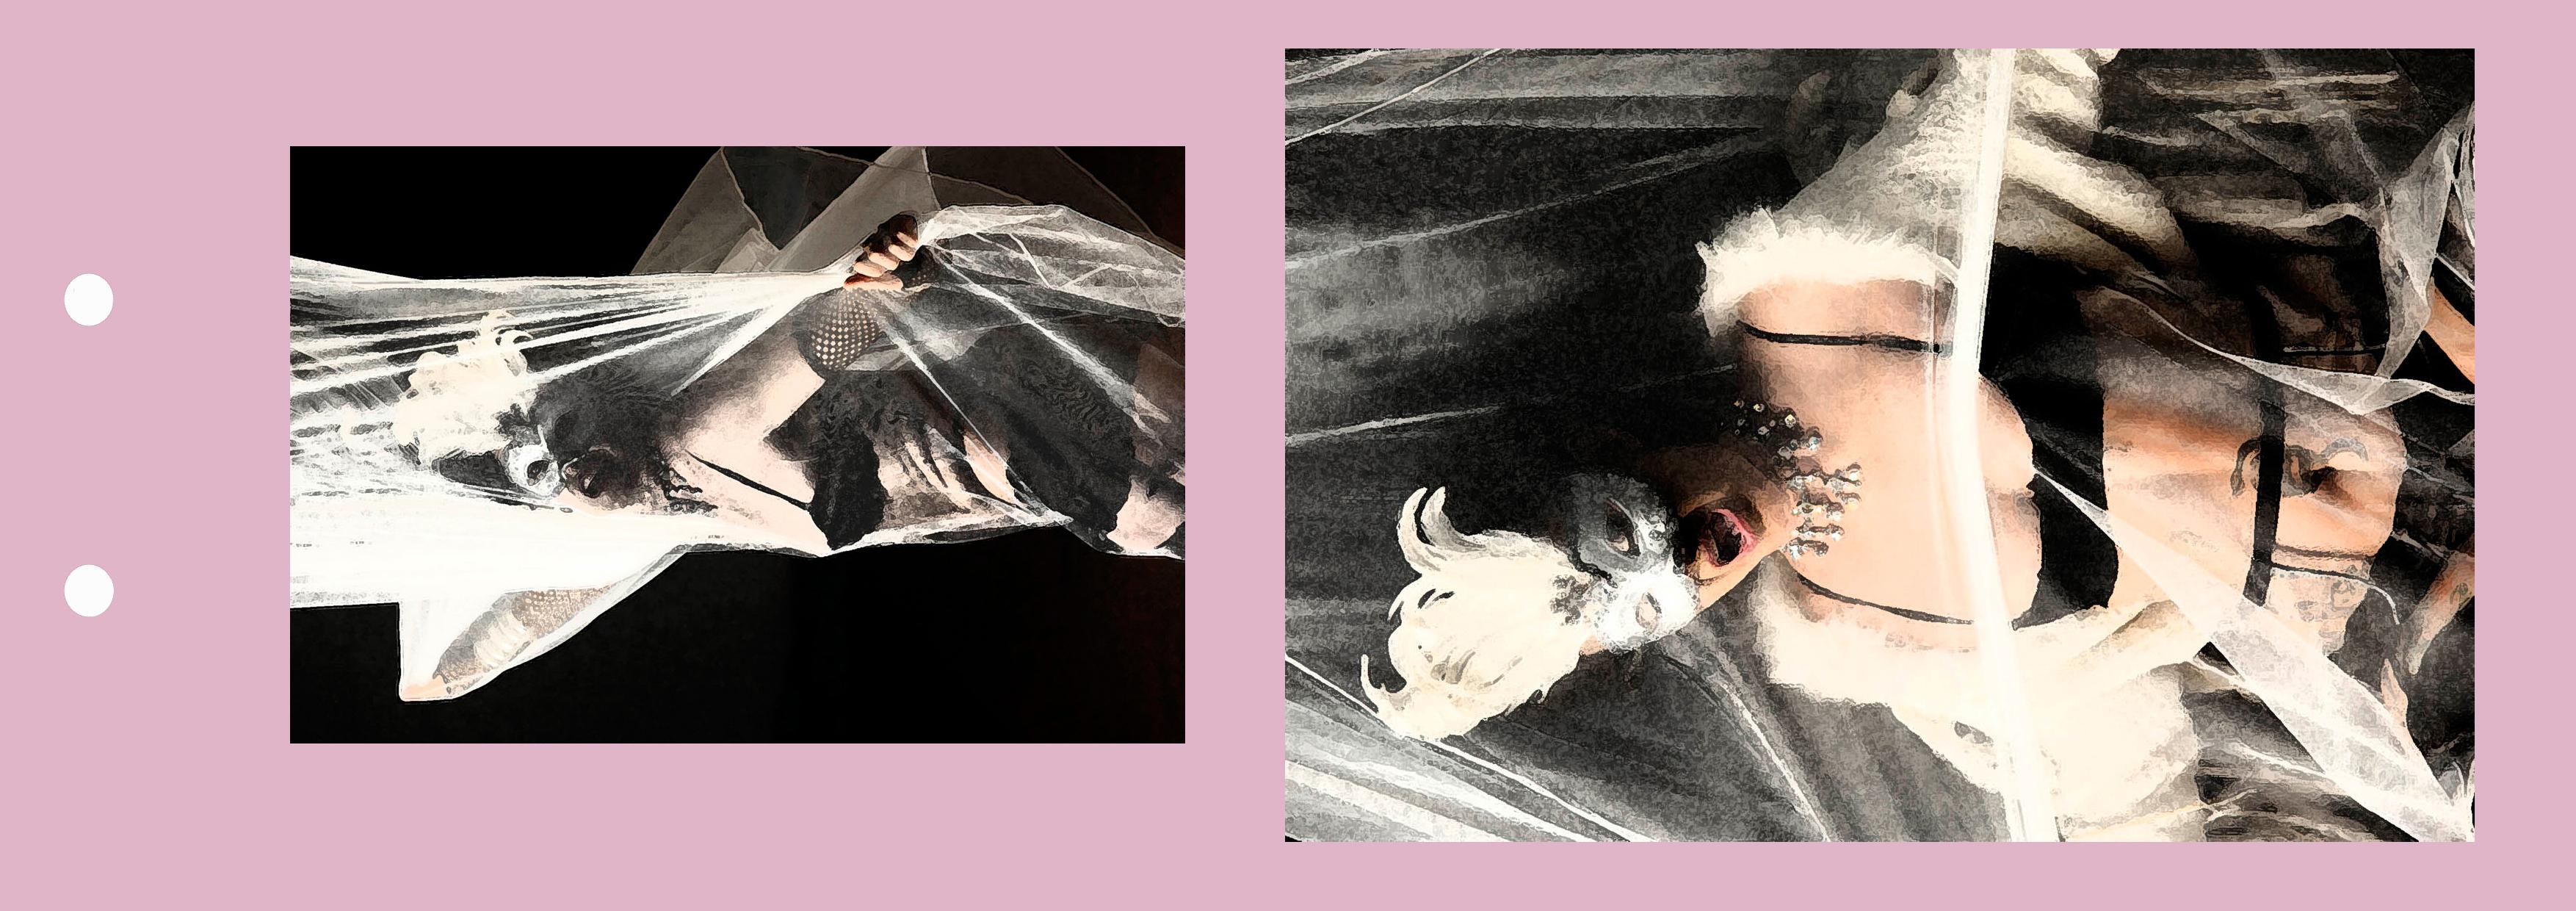 49-catalogo-JOSE-B-RUIZ-3.jpg